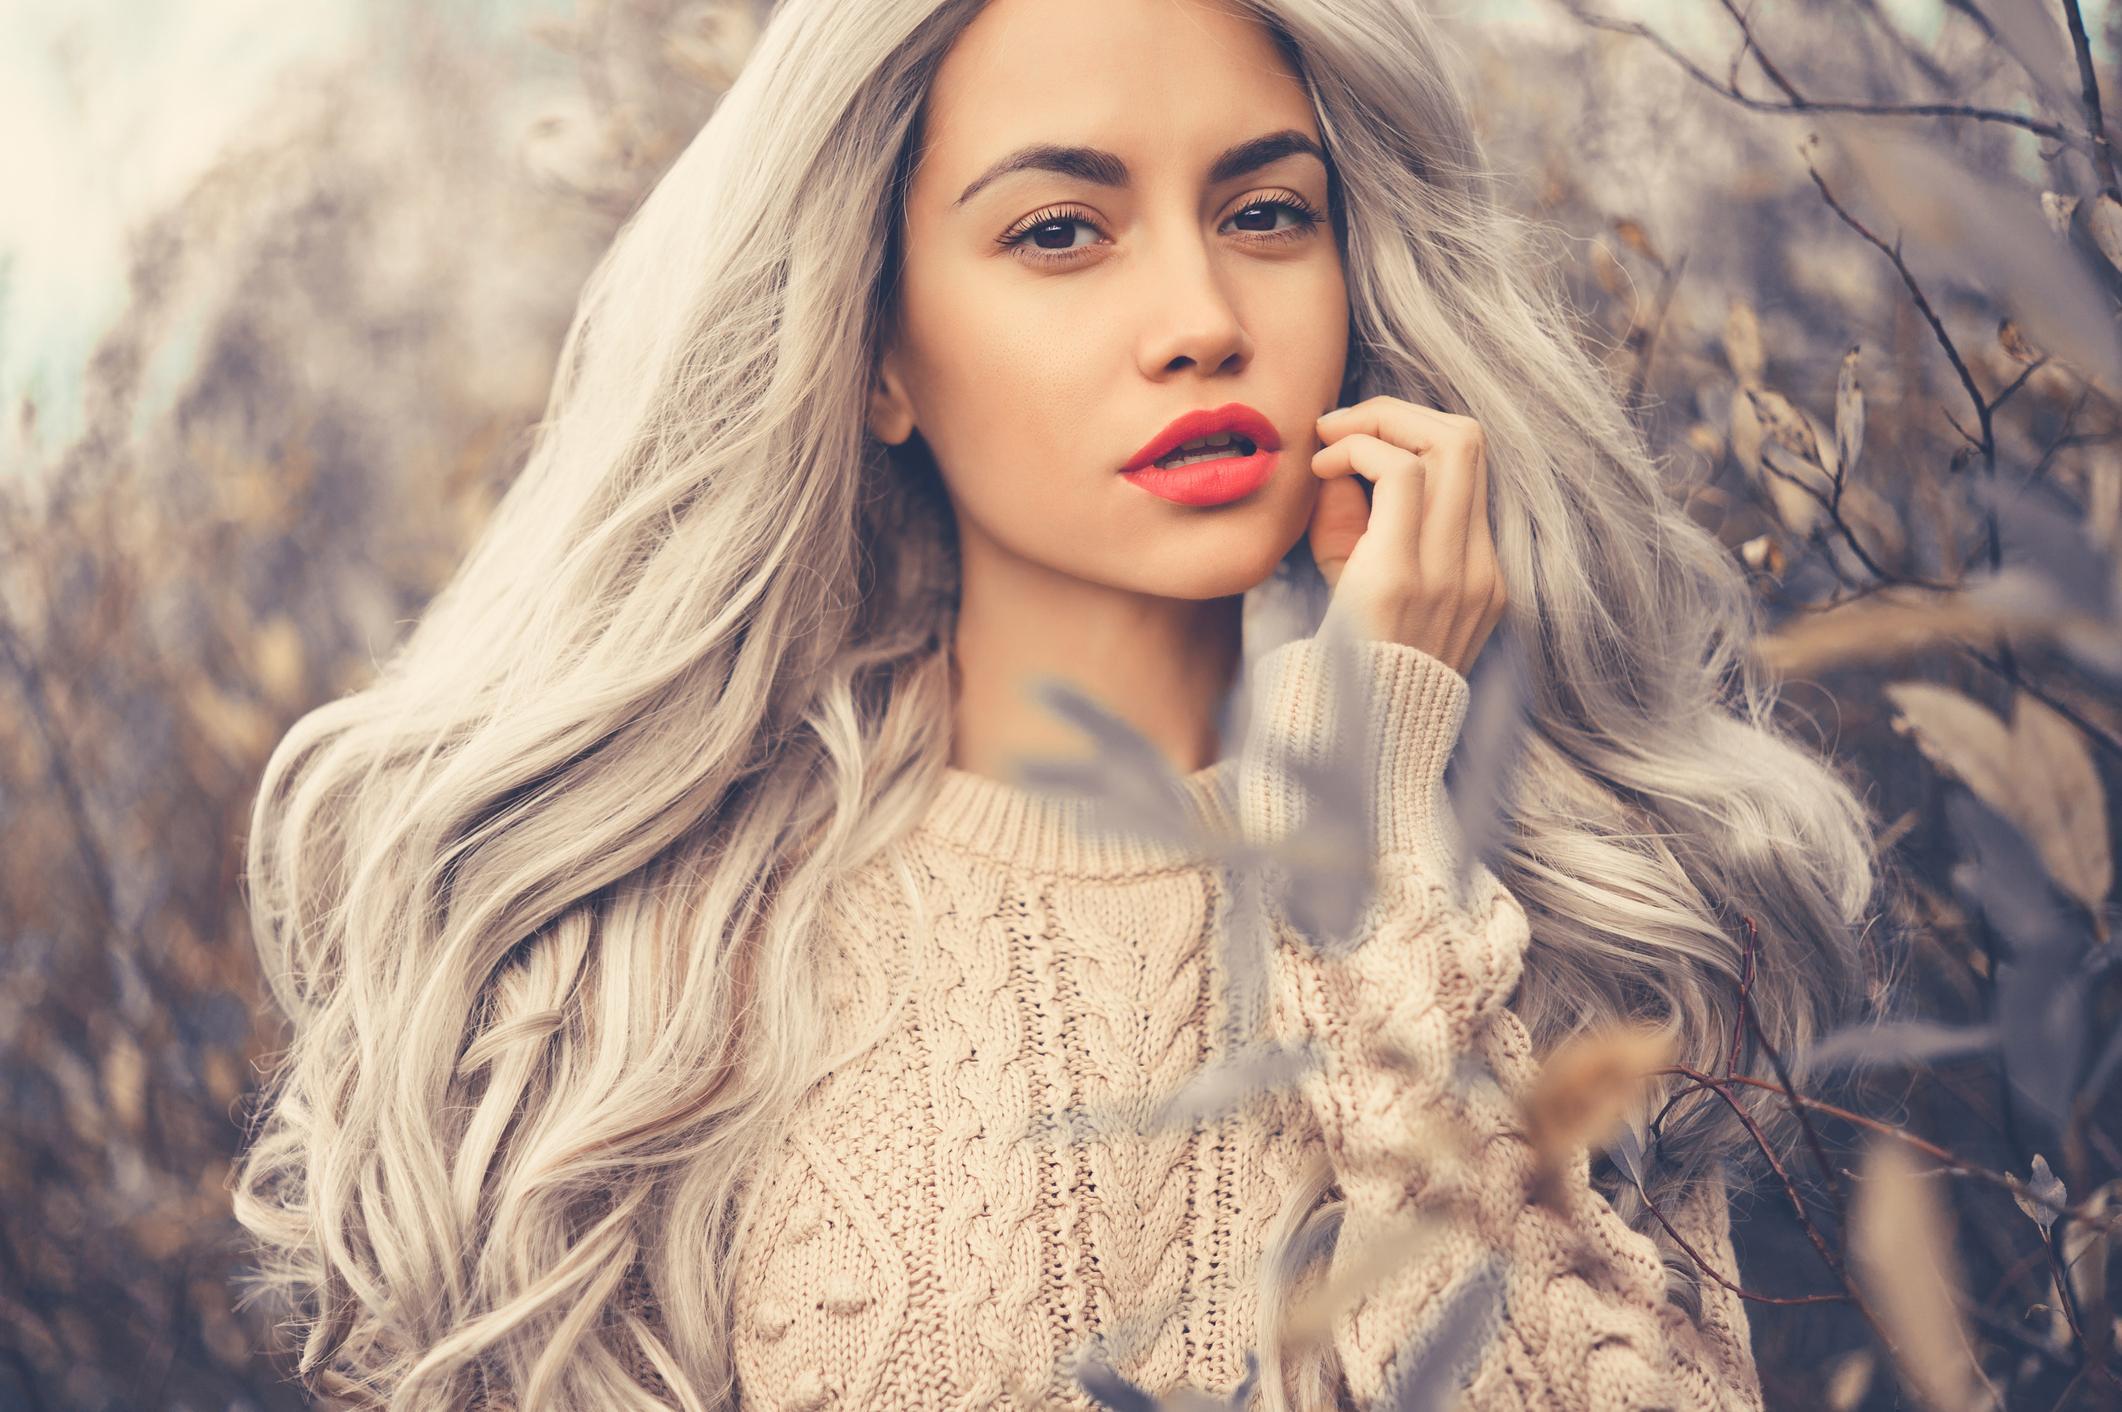 3-dress-code-gray-hair-1569858290661.jpg